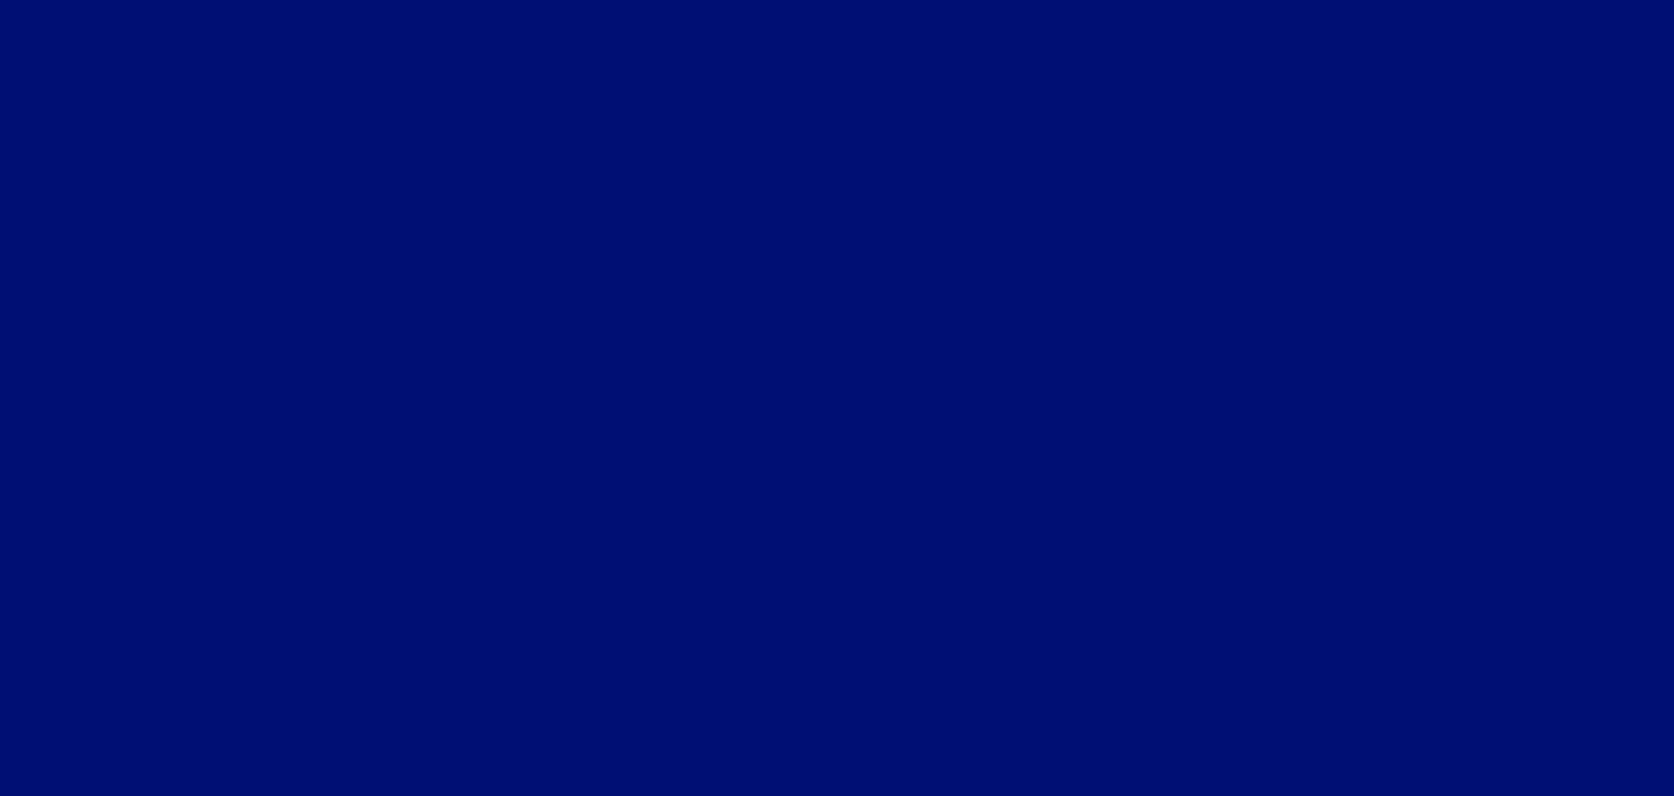 Профнастил С - 21' стандарт полиэстер одностороннее 0,65 мм цвет 3005, 5002, 6005, 7004, 8017, 9003.